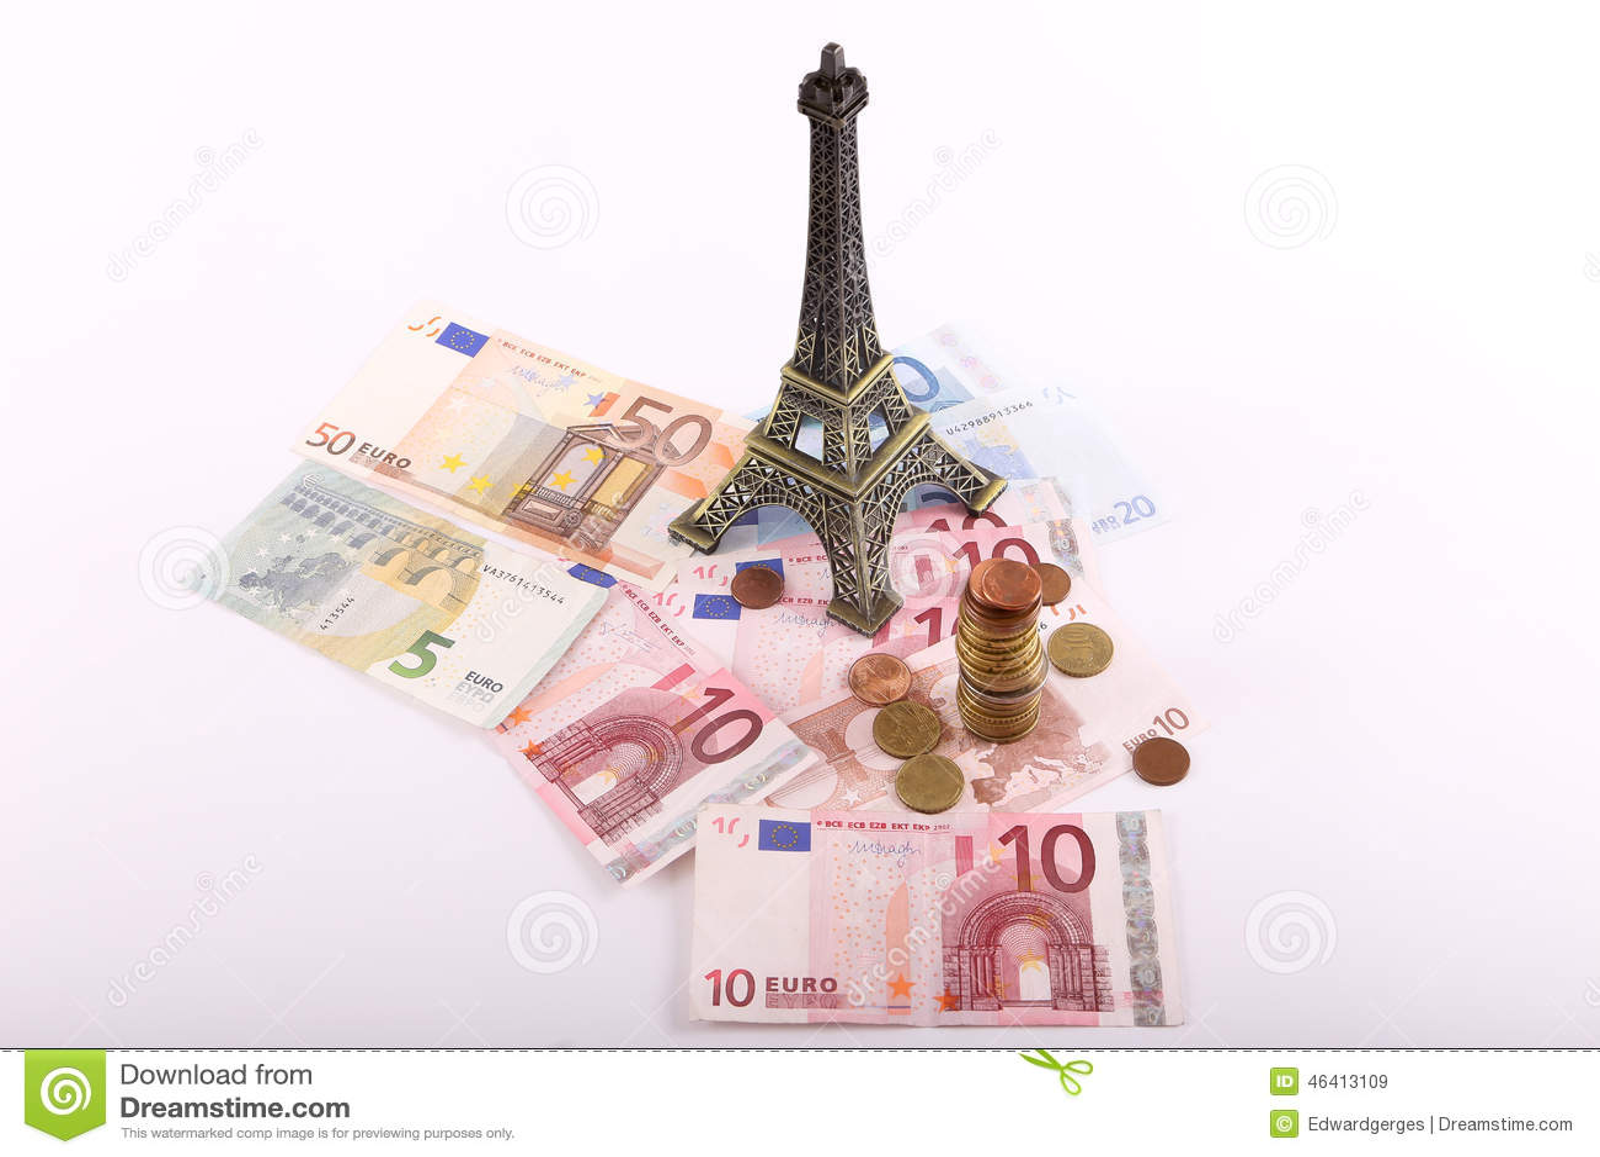 París Euros Money